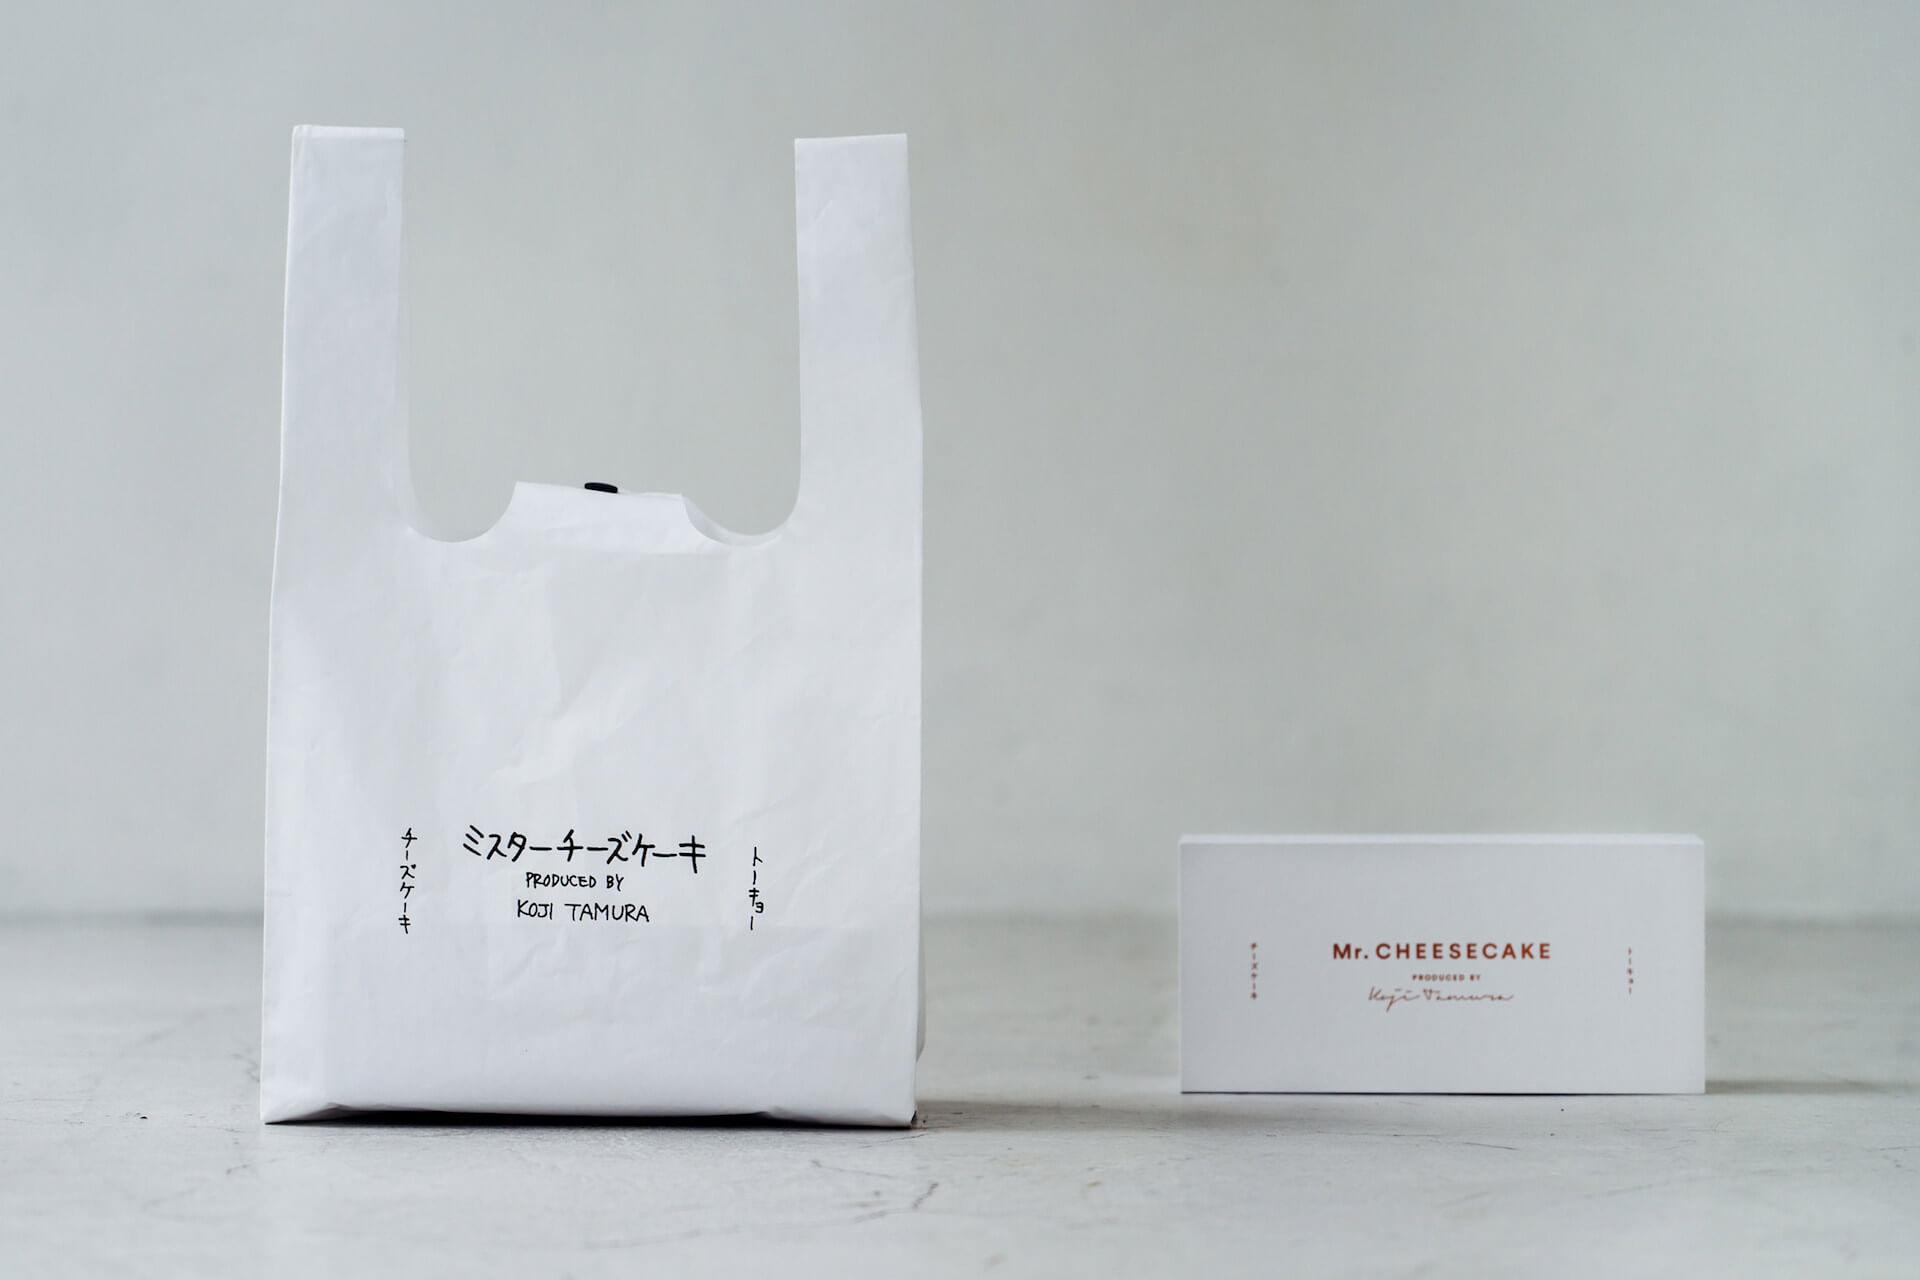 絶品チーズケーキで人気のMr. CHEESECAKEが加賀美健とのコラボショッパーを制作!チーズケーキとのセット商品が発売決定 gourmet201110_mrcheesecake_kagamiken_2